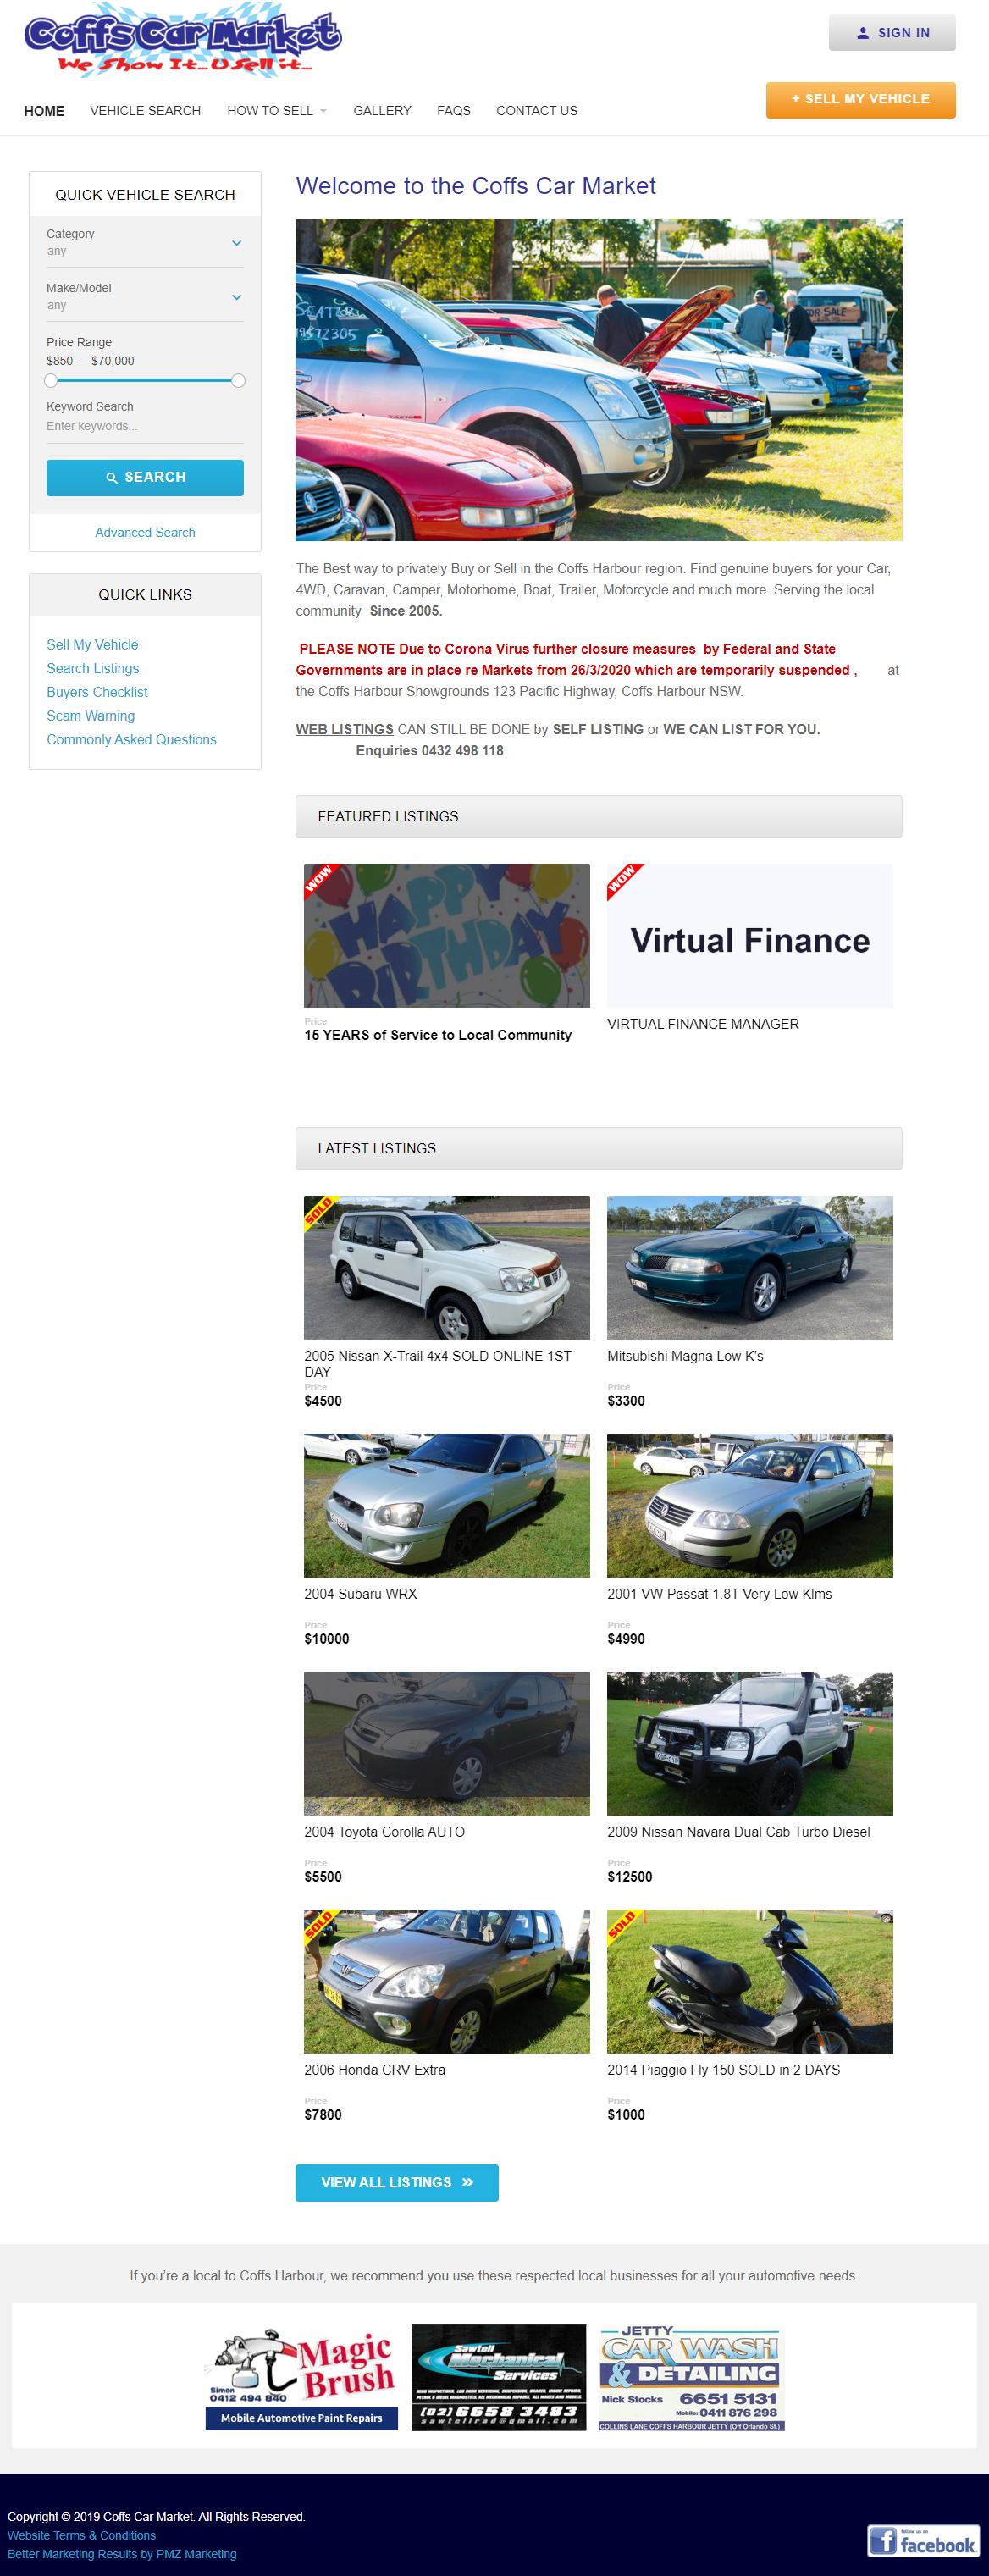 Coffs Harbour Car Market :: PMZ Marketing Client